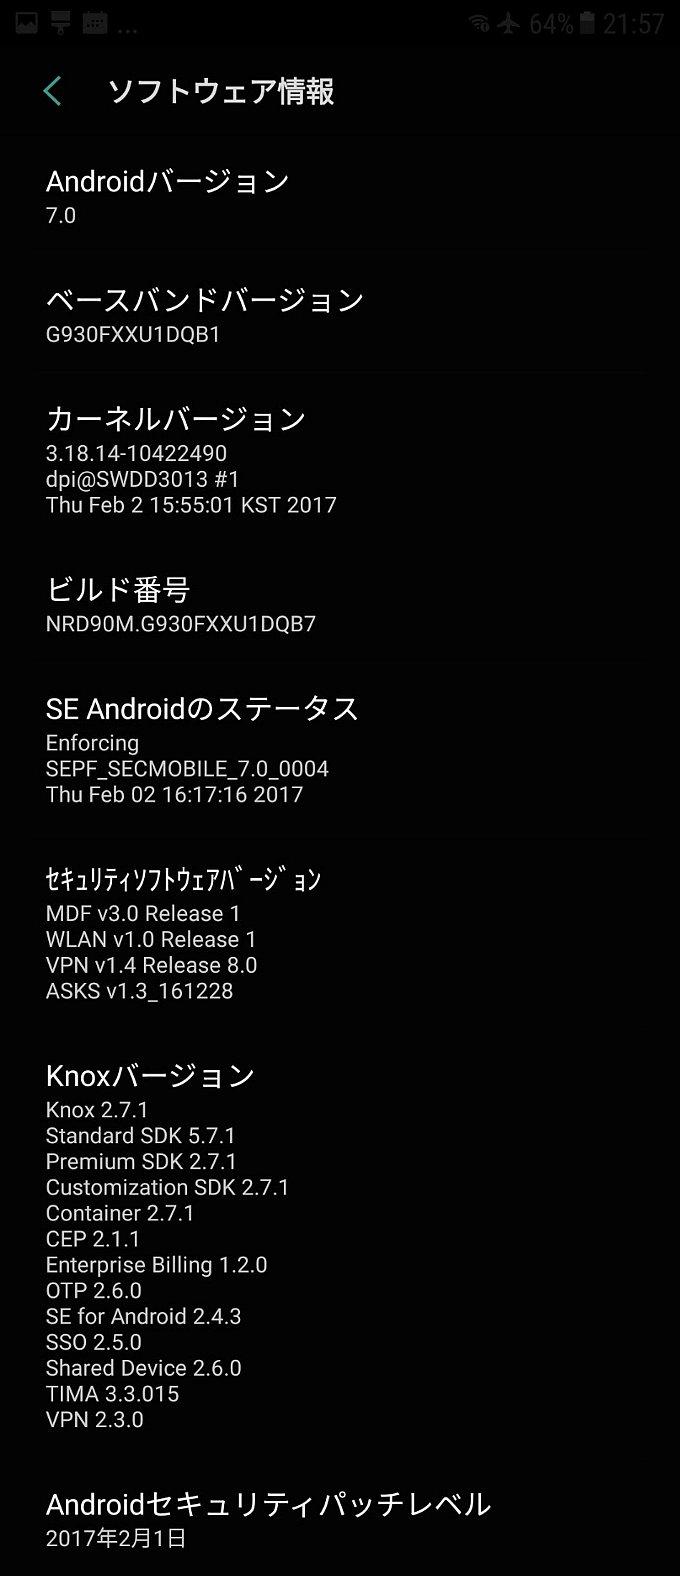 Android7.0へのアップデート後のシステム情報